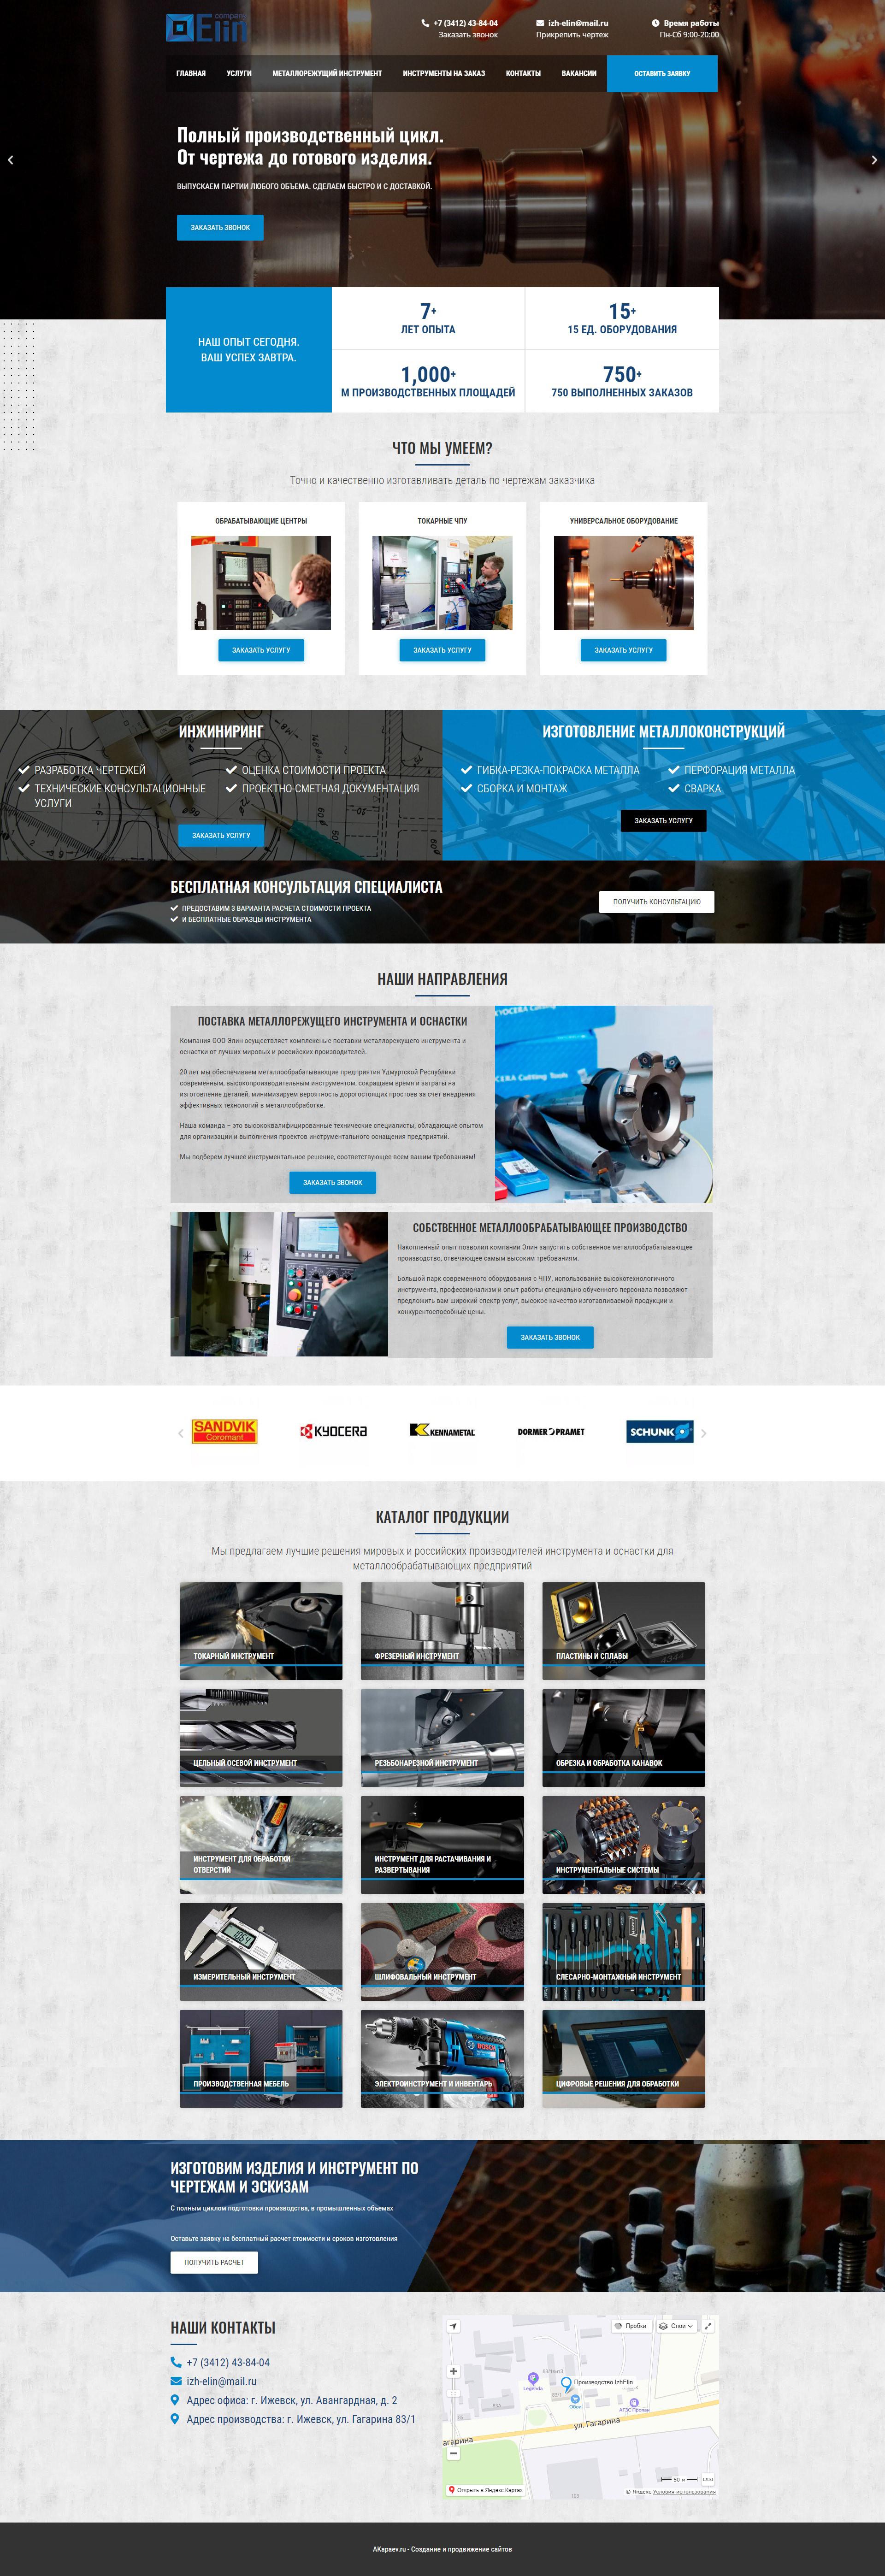 Кейс: Создание многостраничного сайта для инженерной компании